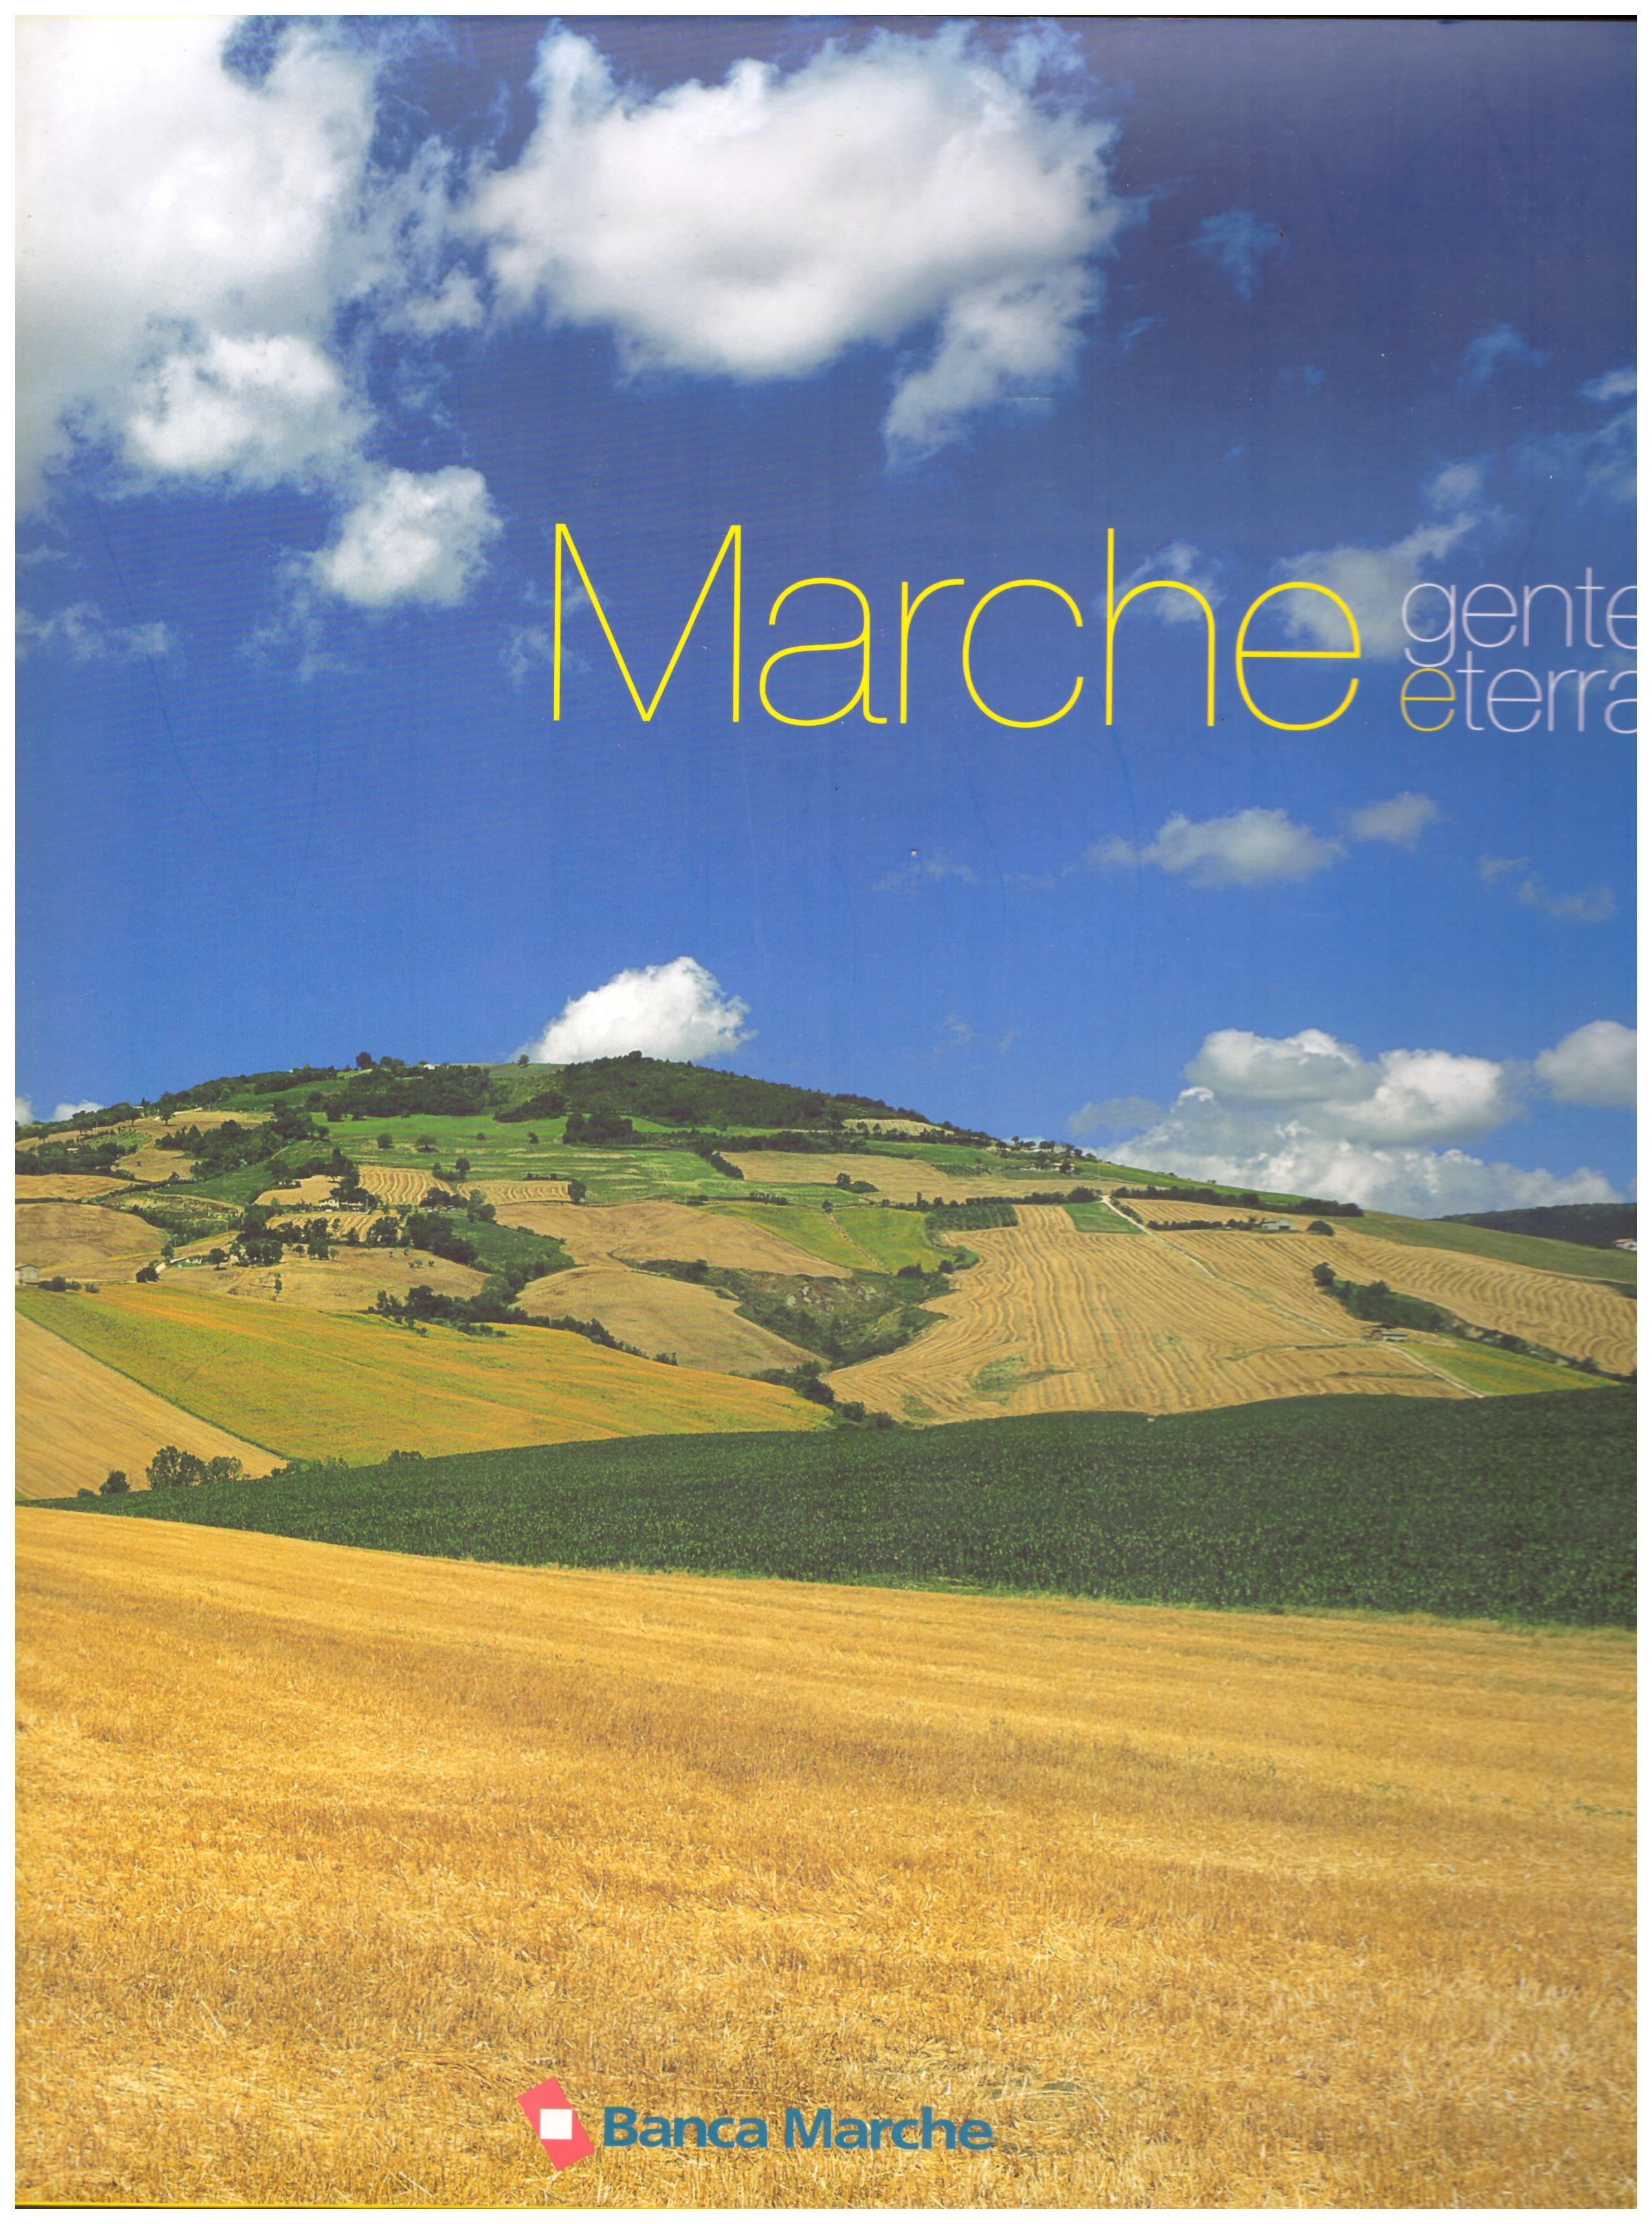 Titolo: Marche gente e terra     Autore: AA.VV.     Editore: Electaweb.com